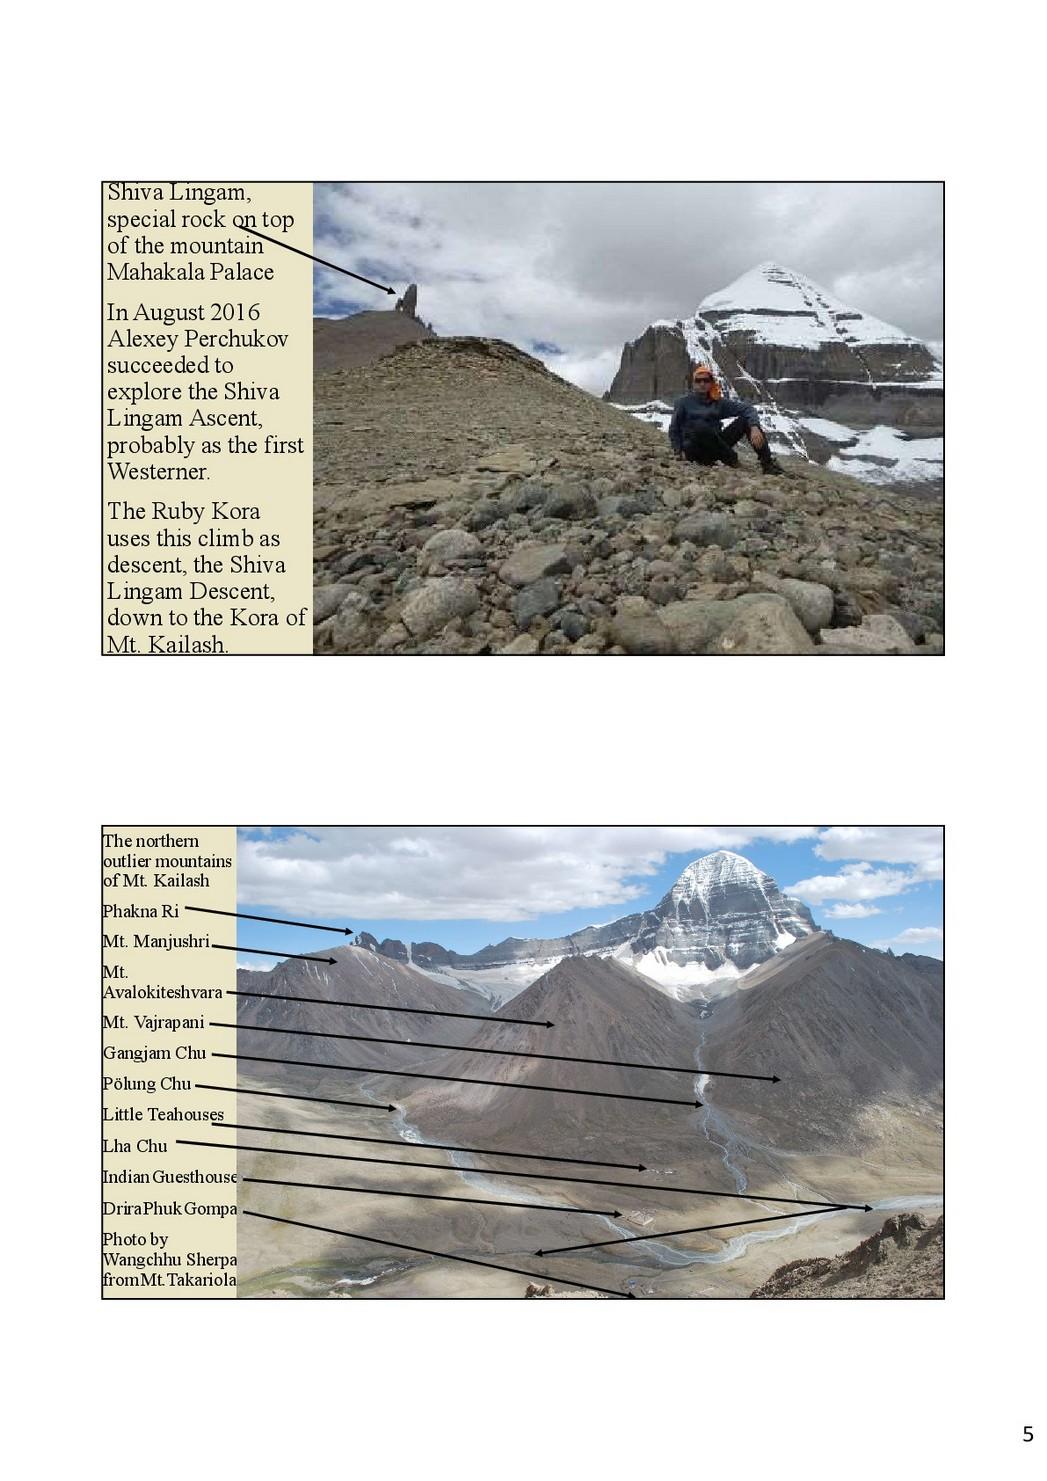 Spiral-Kora-of-Mt.-Kailash-23